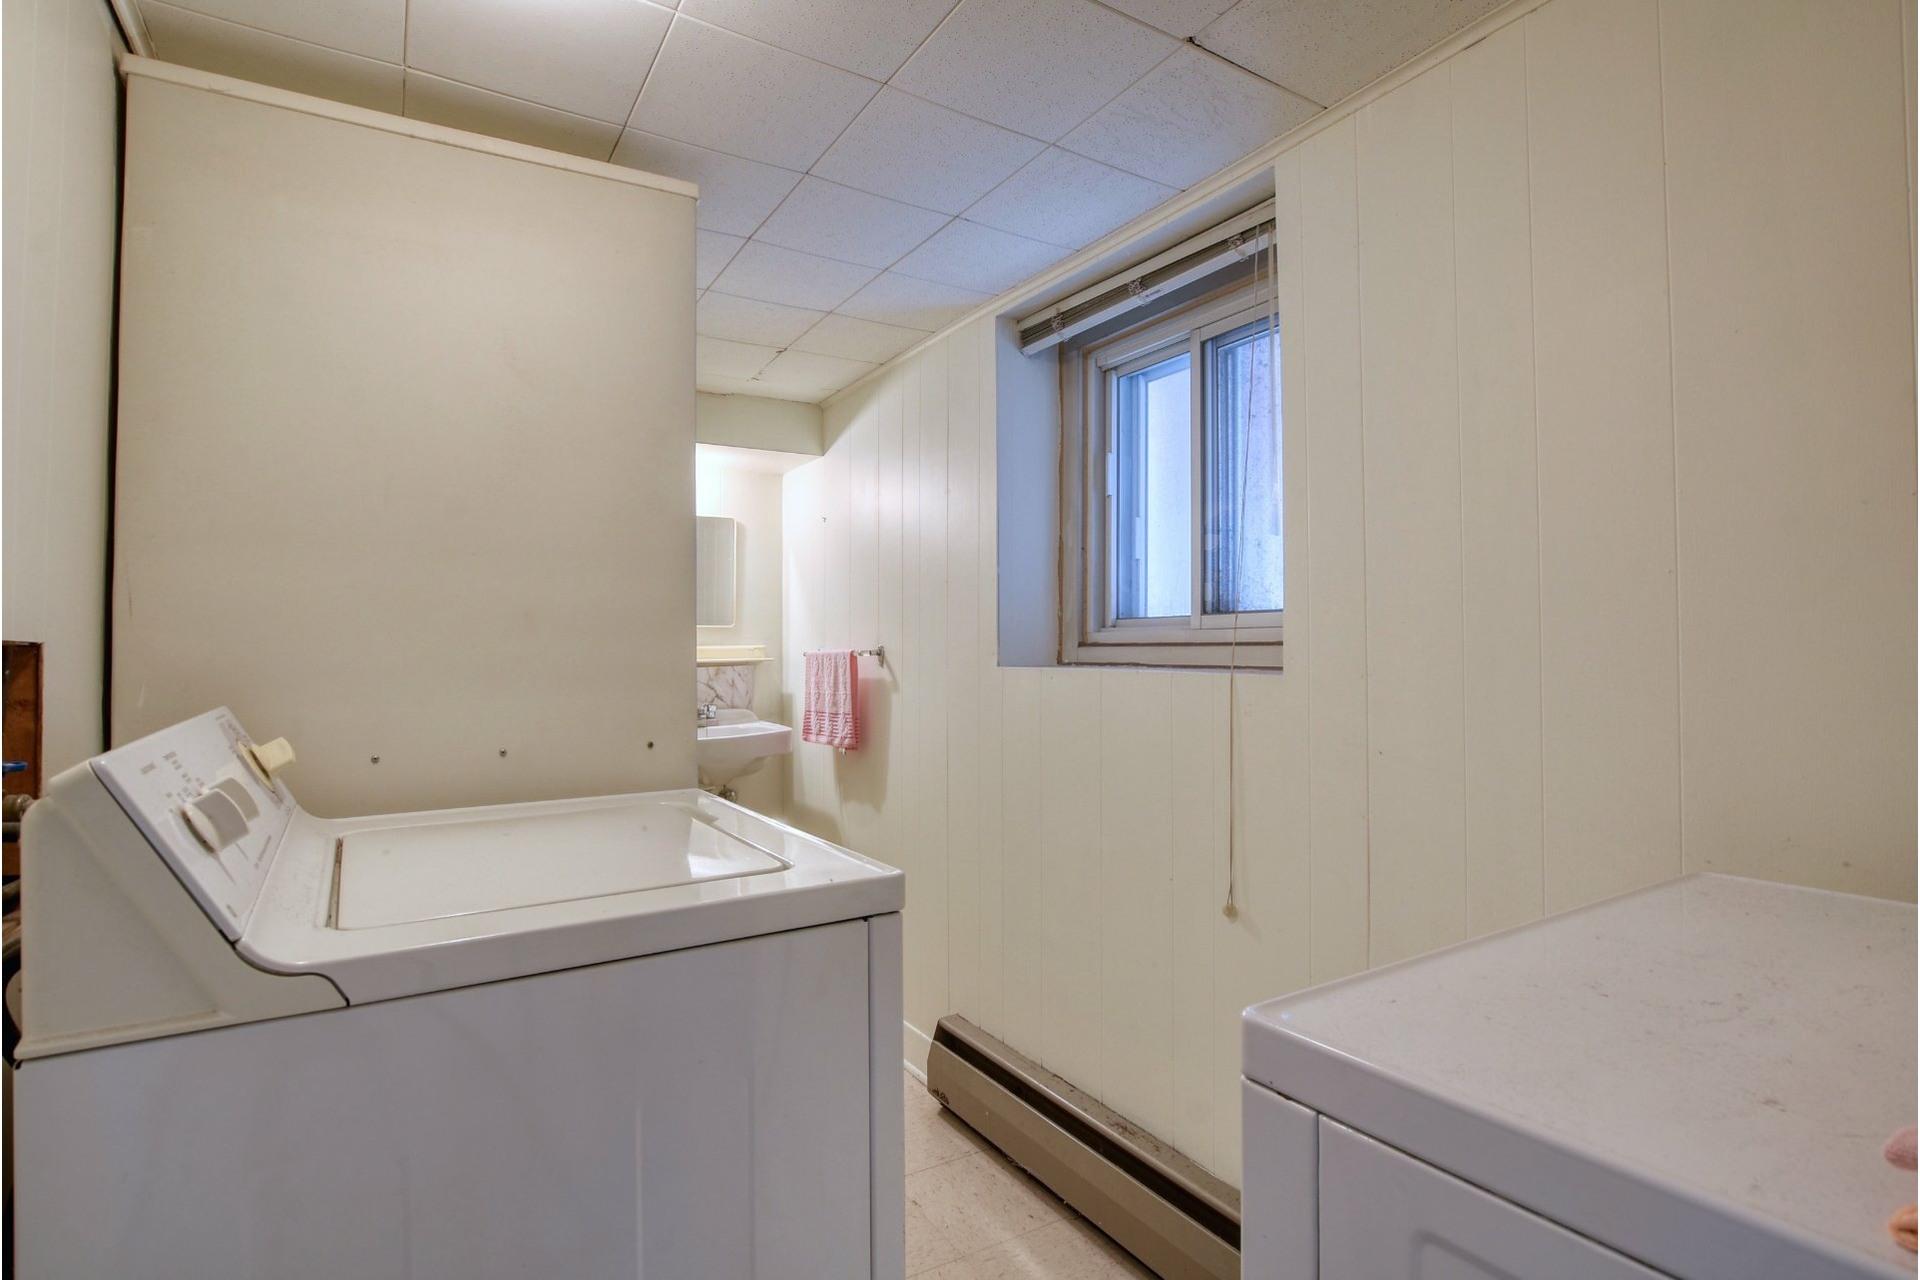 image 14 - Duplex For sale Côte-des-Neiges/Notre-Dame-de-Grâce Montréal  - 8 rooms